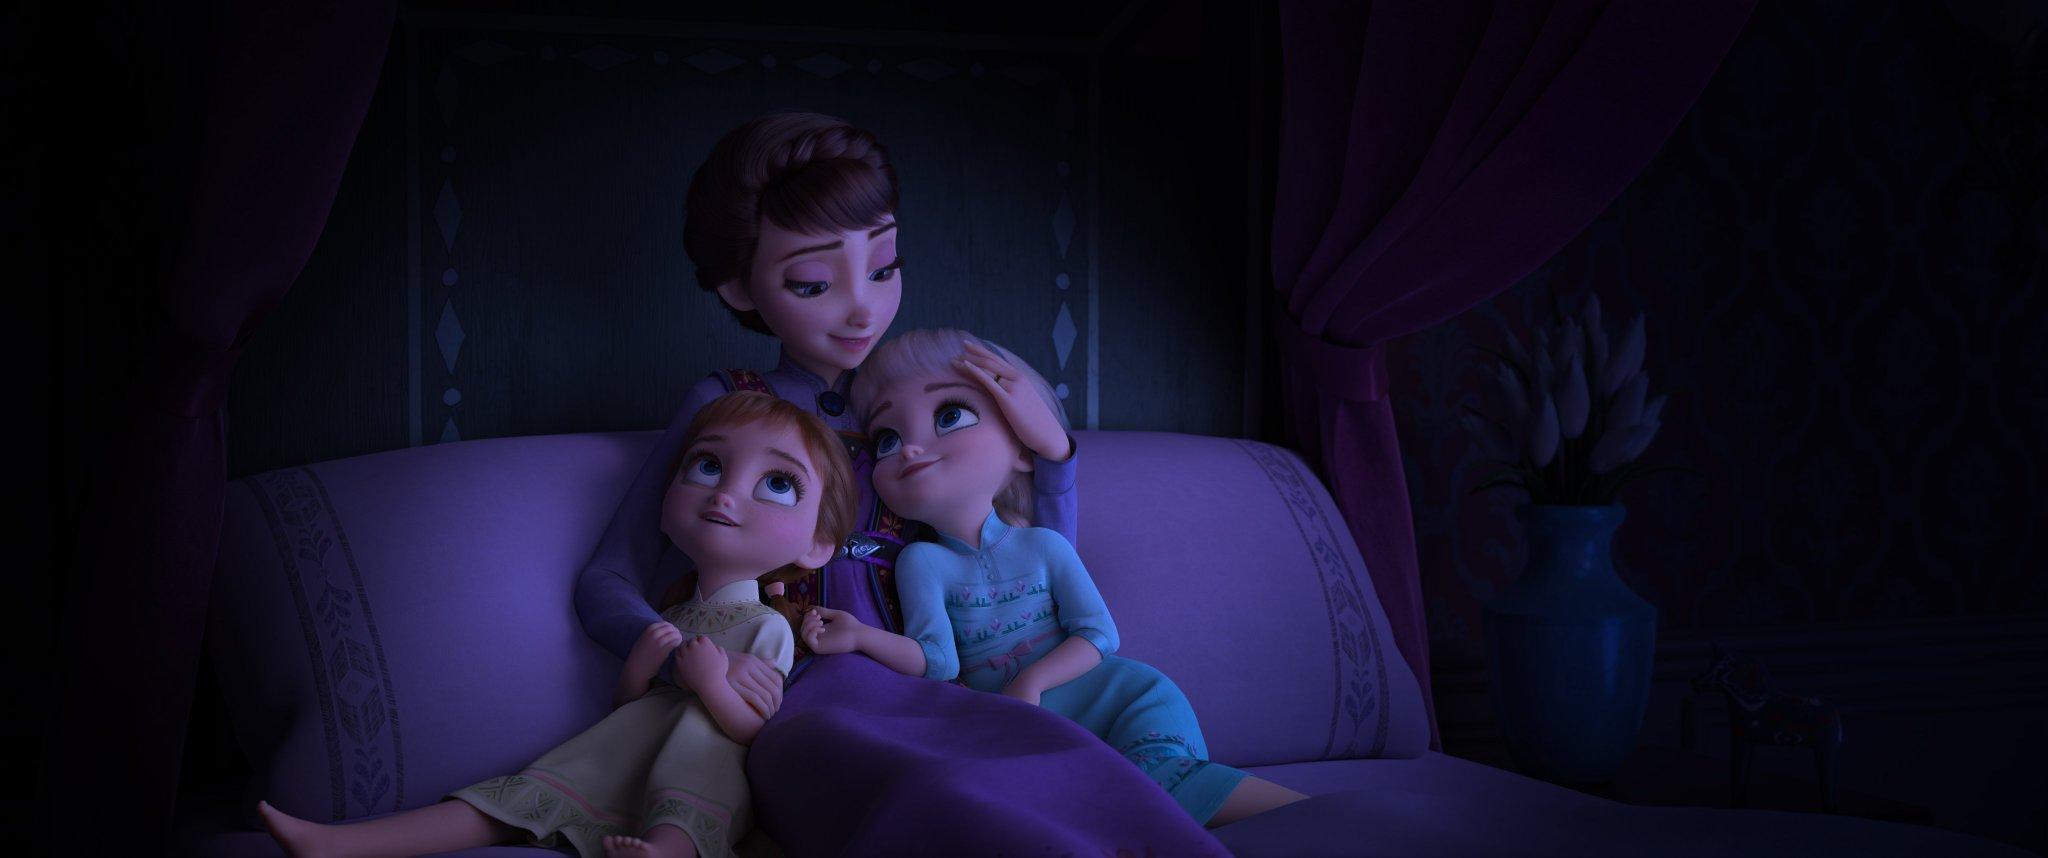 Iduna com Ana e Elsa crianças